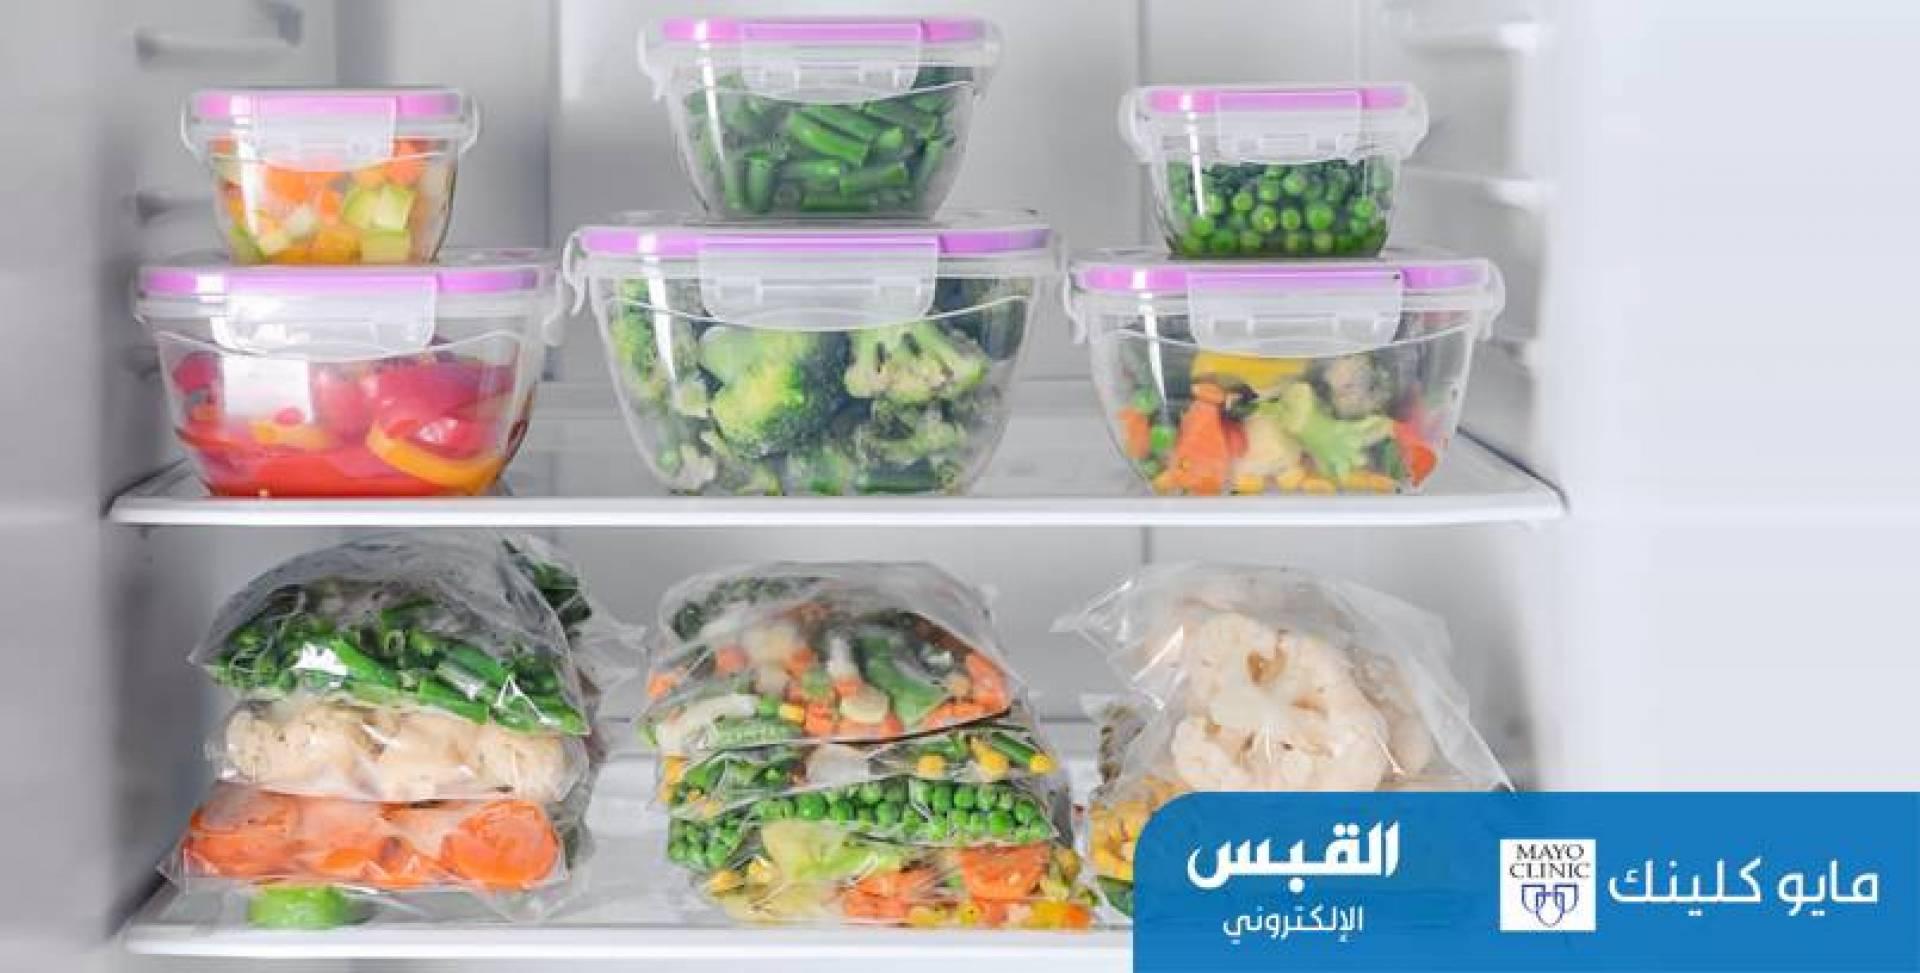 كم من الوقت يمكن الاحتفاظ ببقايا الطعام في الثلاجة بشكل آمن؟